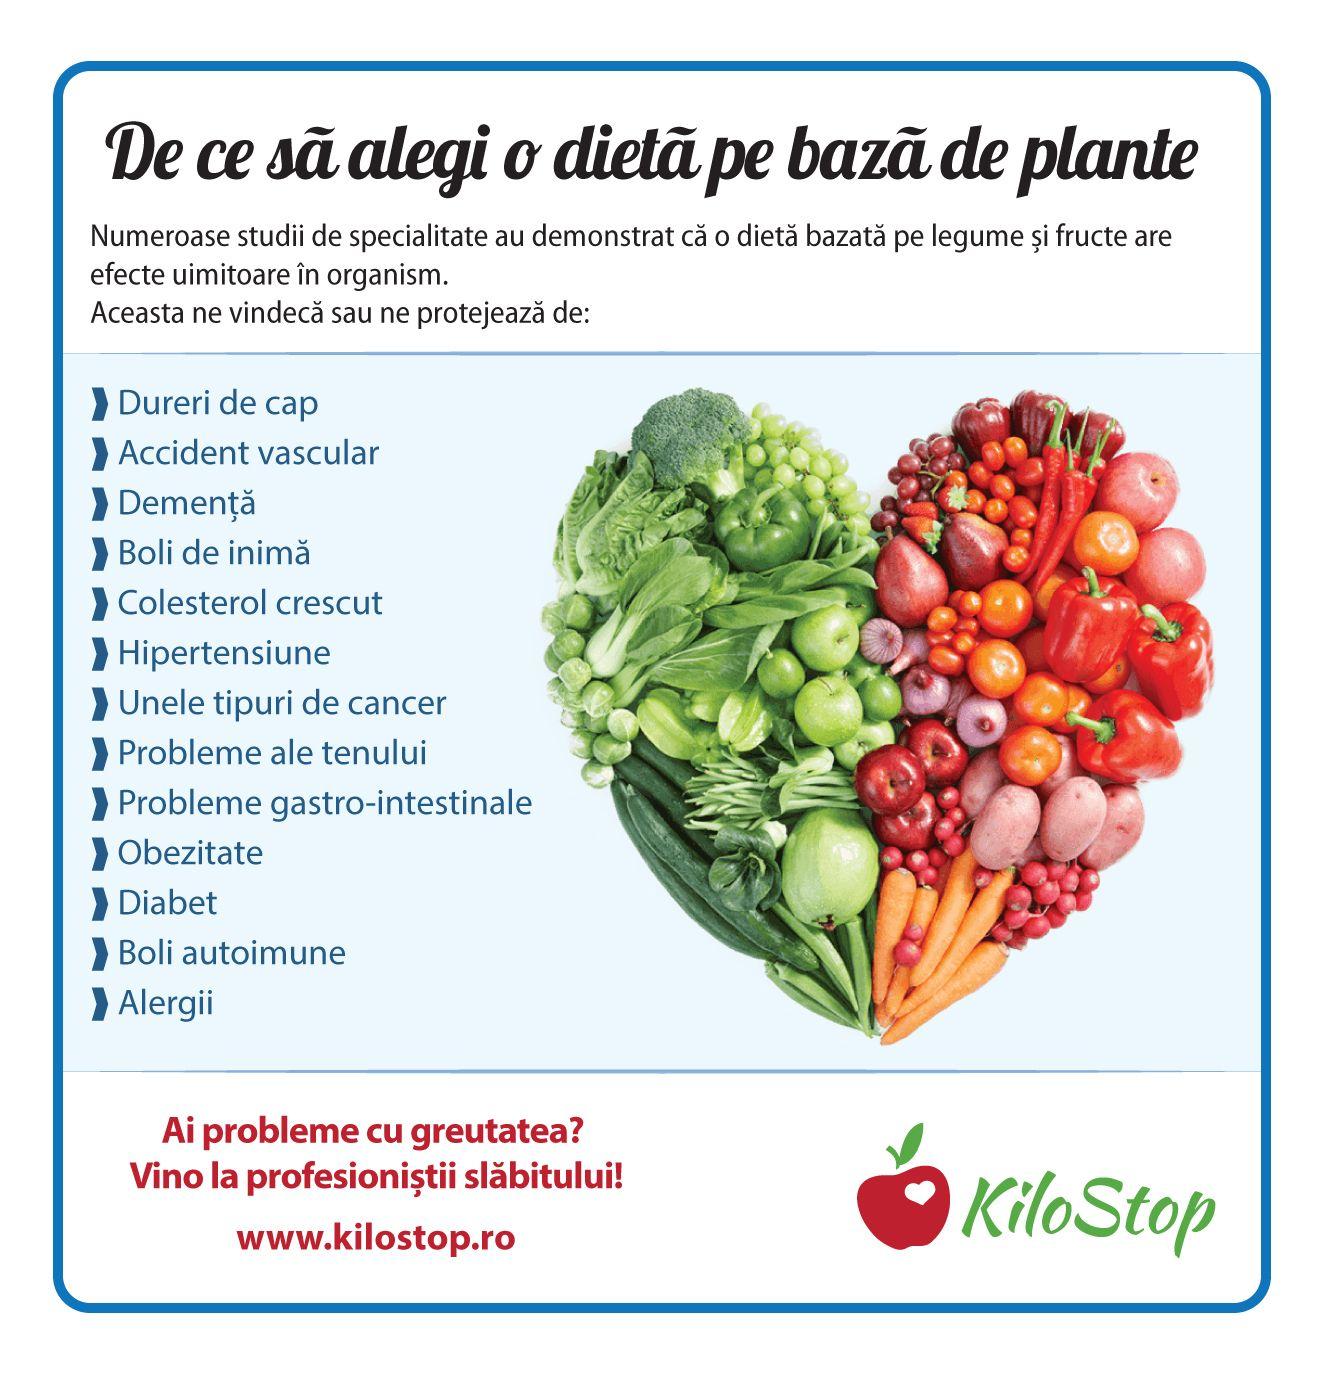 Dieta cu fructe şi legume - eşti pregătită s-o urmezi?